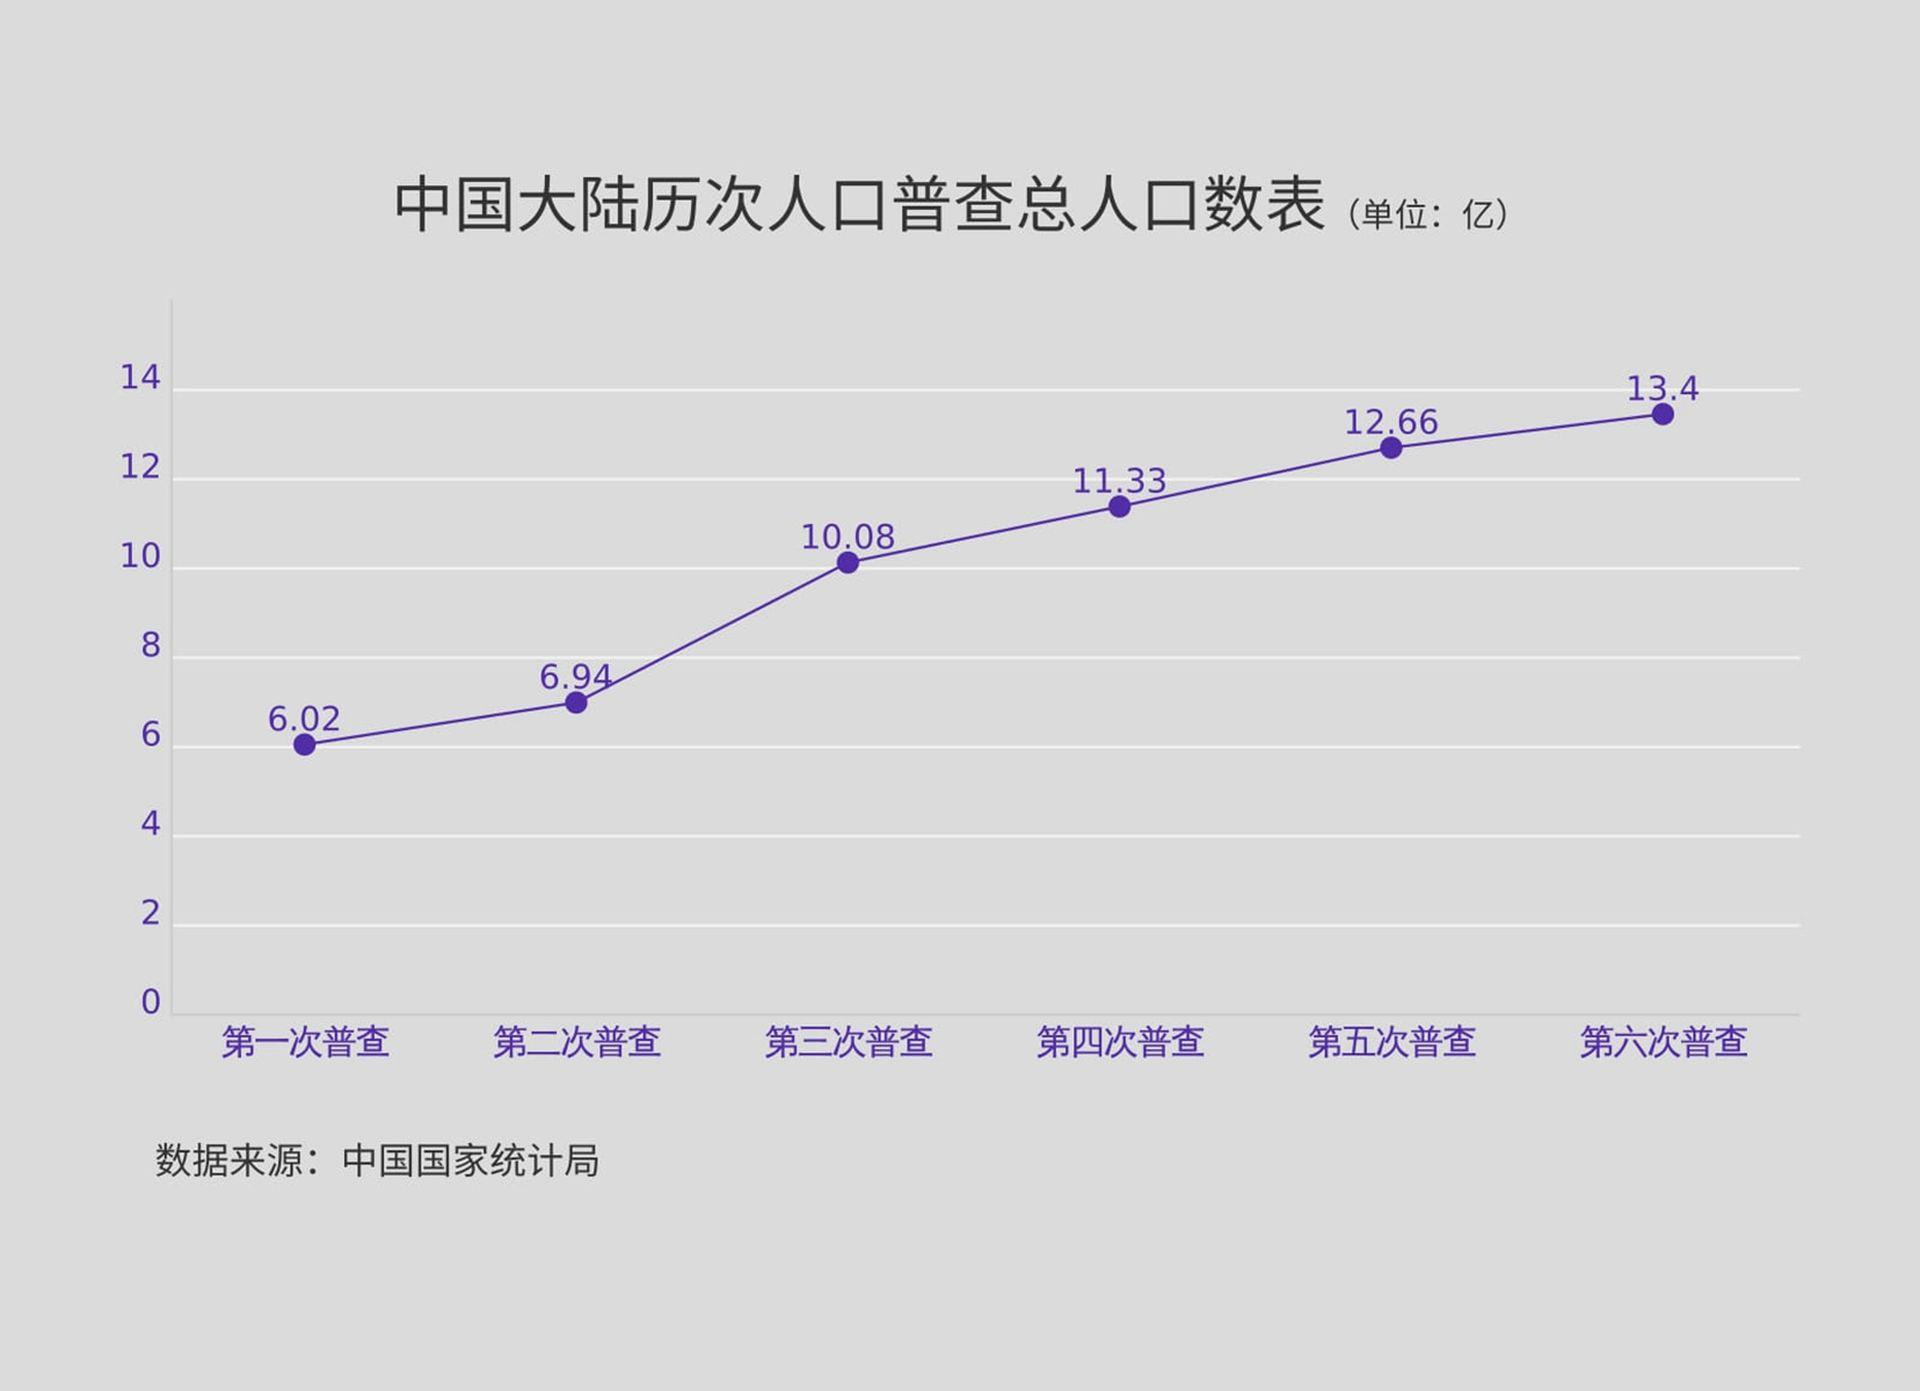 低于14亿!中国人口被指自1949年以来首次下降(图)